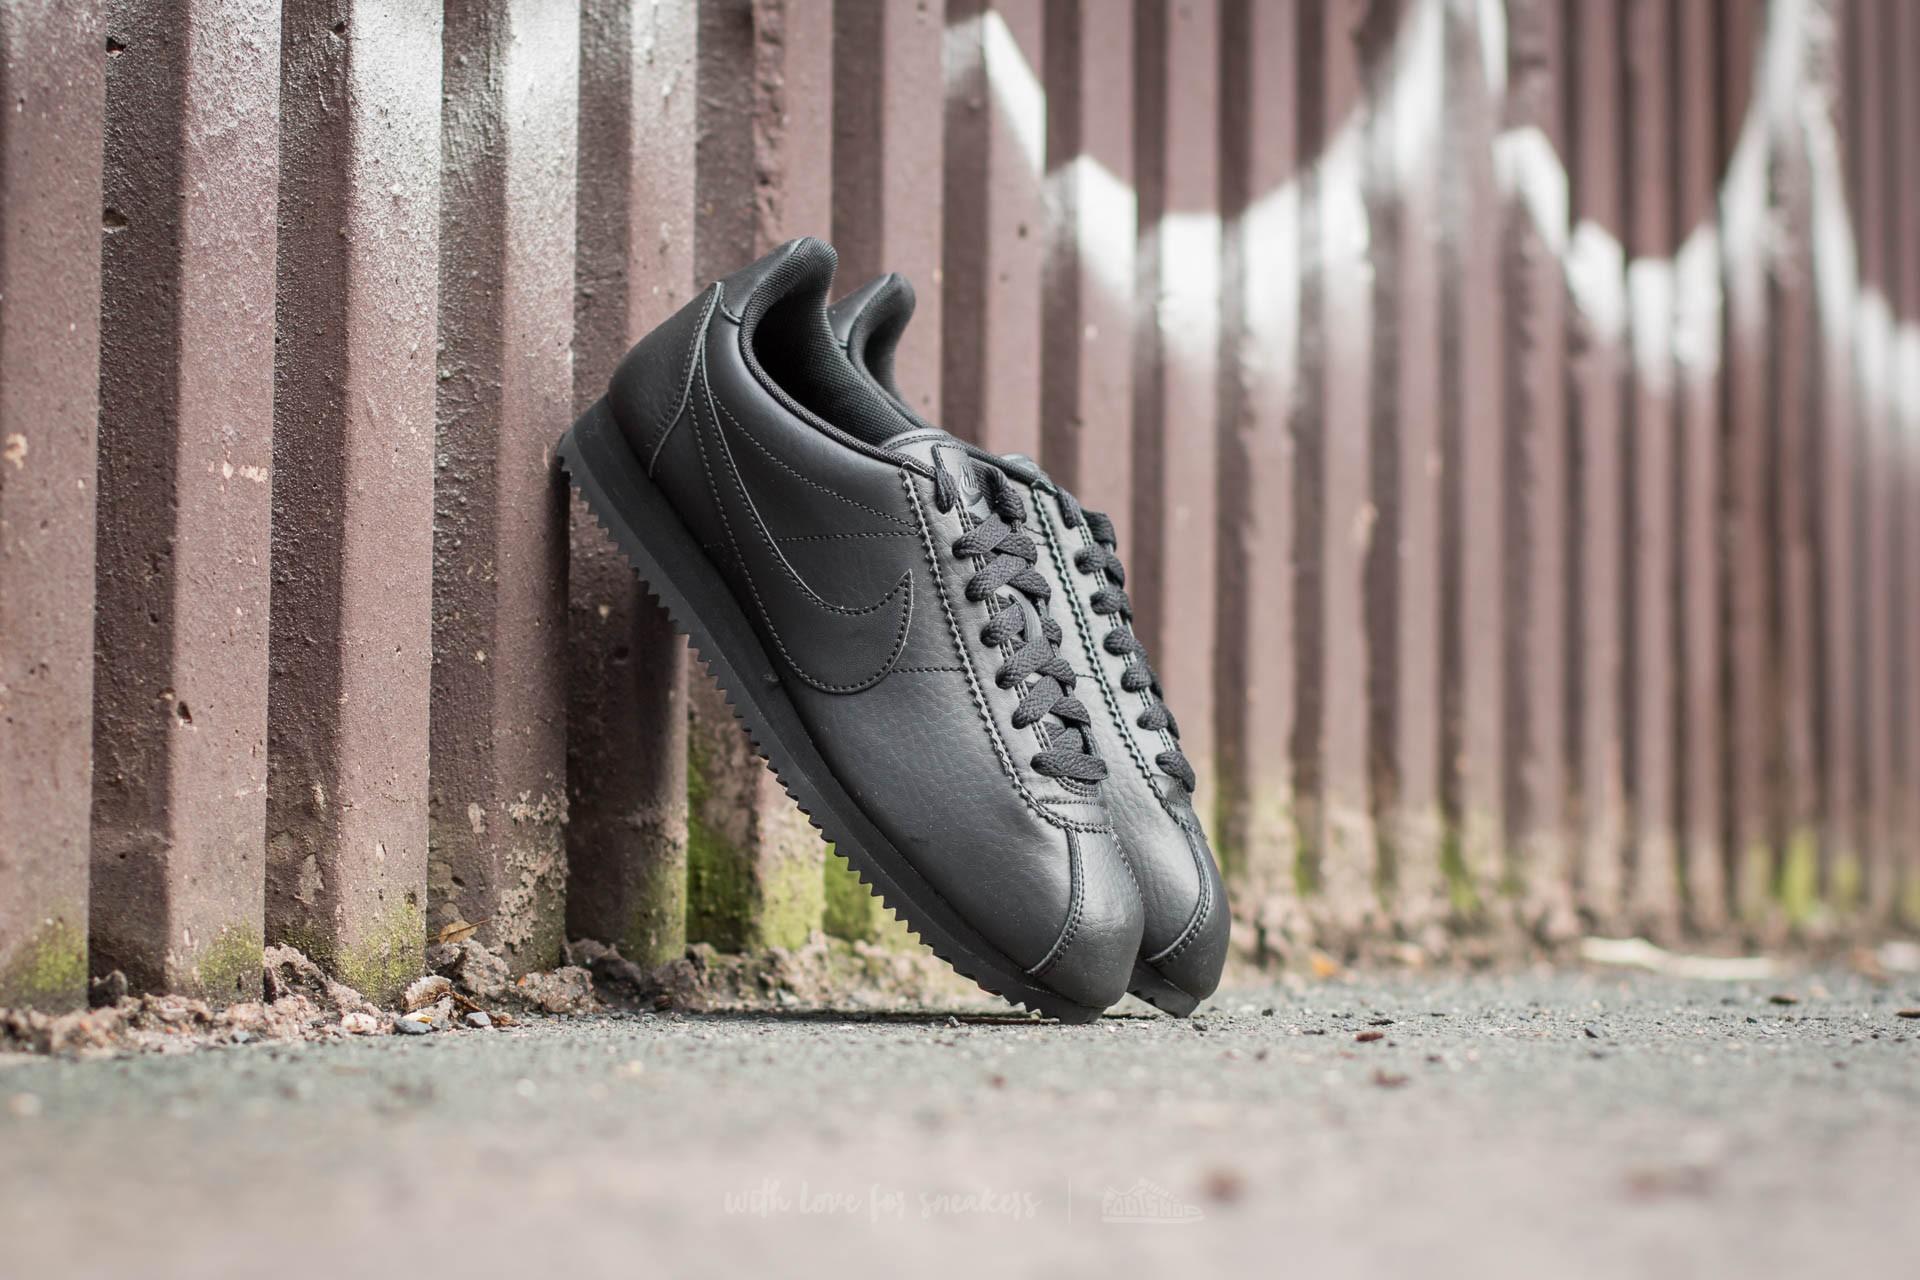 Nike Wmns Classic Cortez STR LTR Black/ Black-Noir